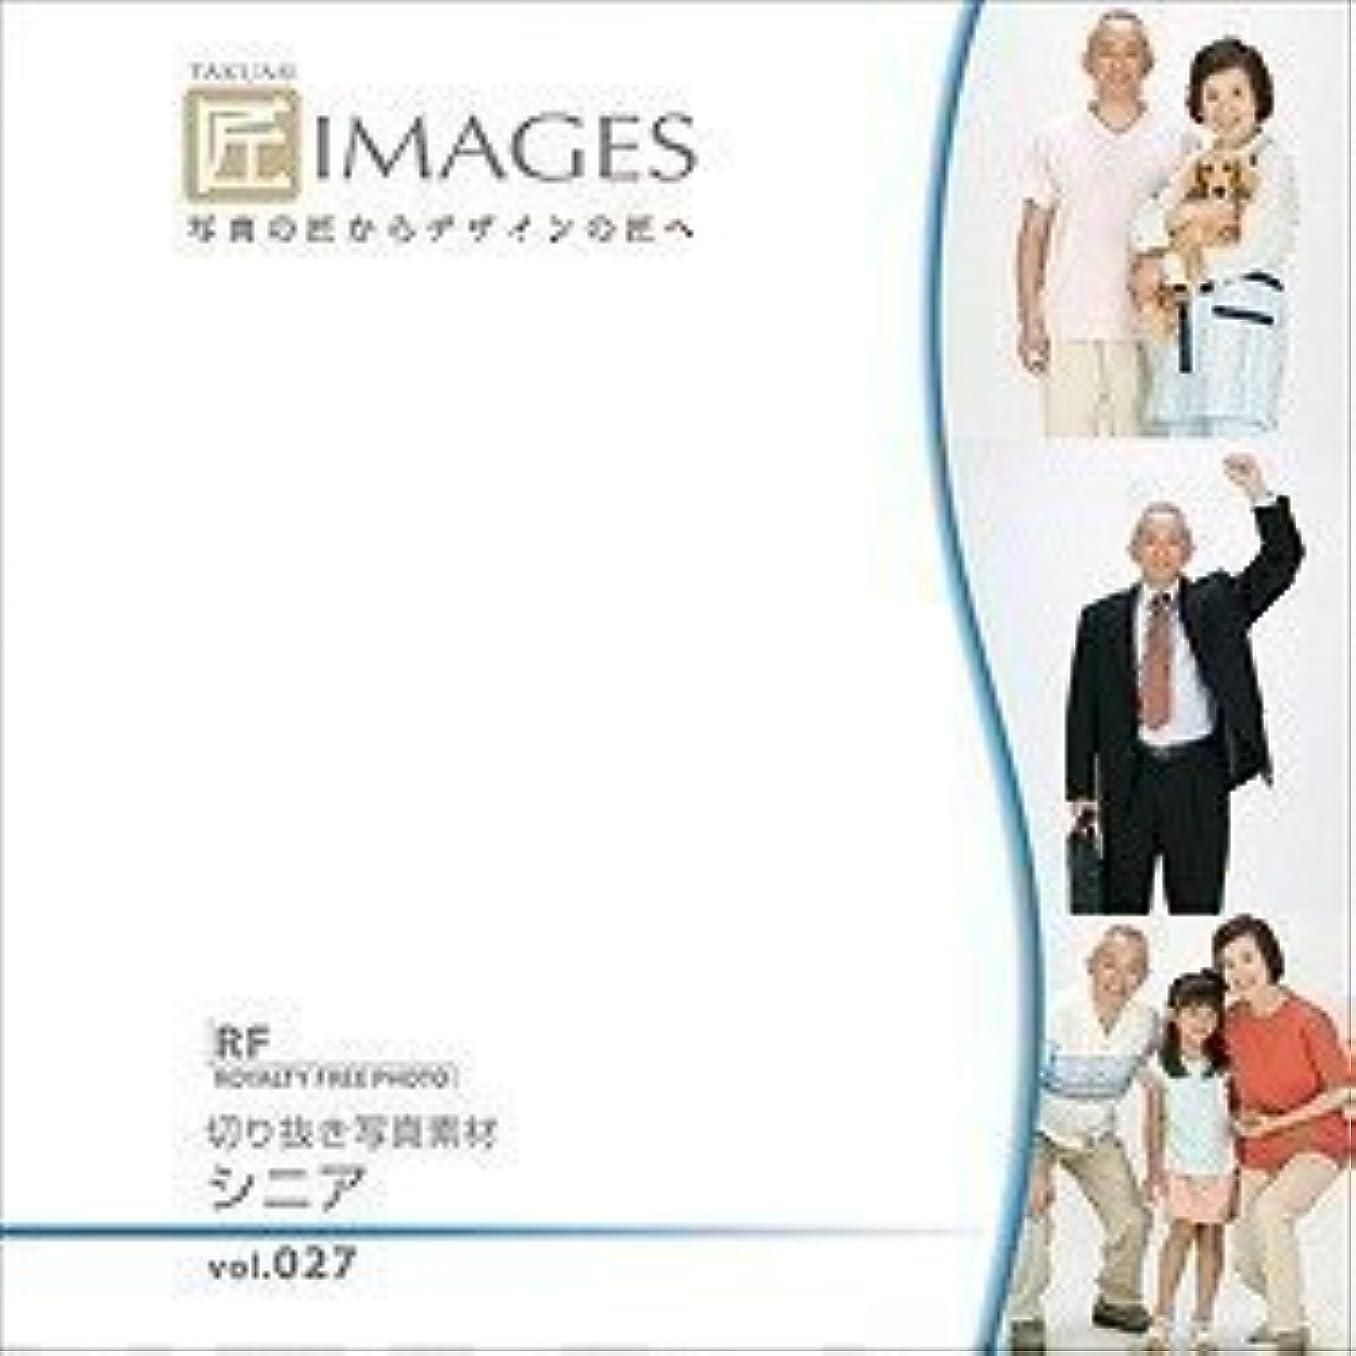 幻滅読みやすさ誓約匠IMAGES Vol.027 切り抜き写真素材 シニア